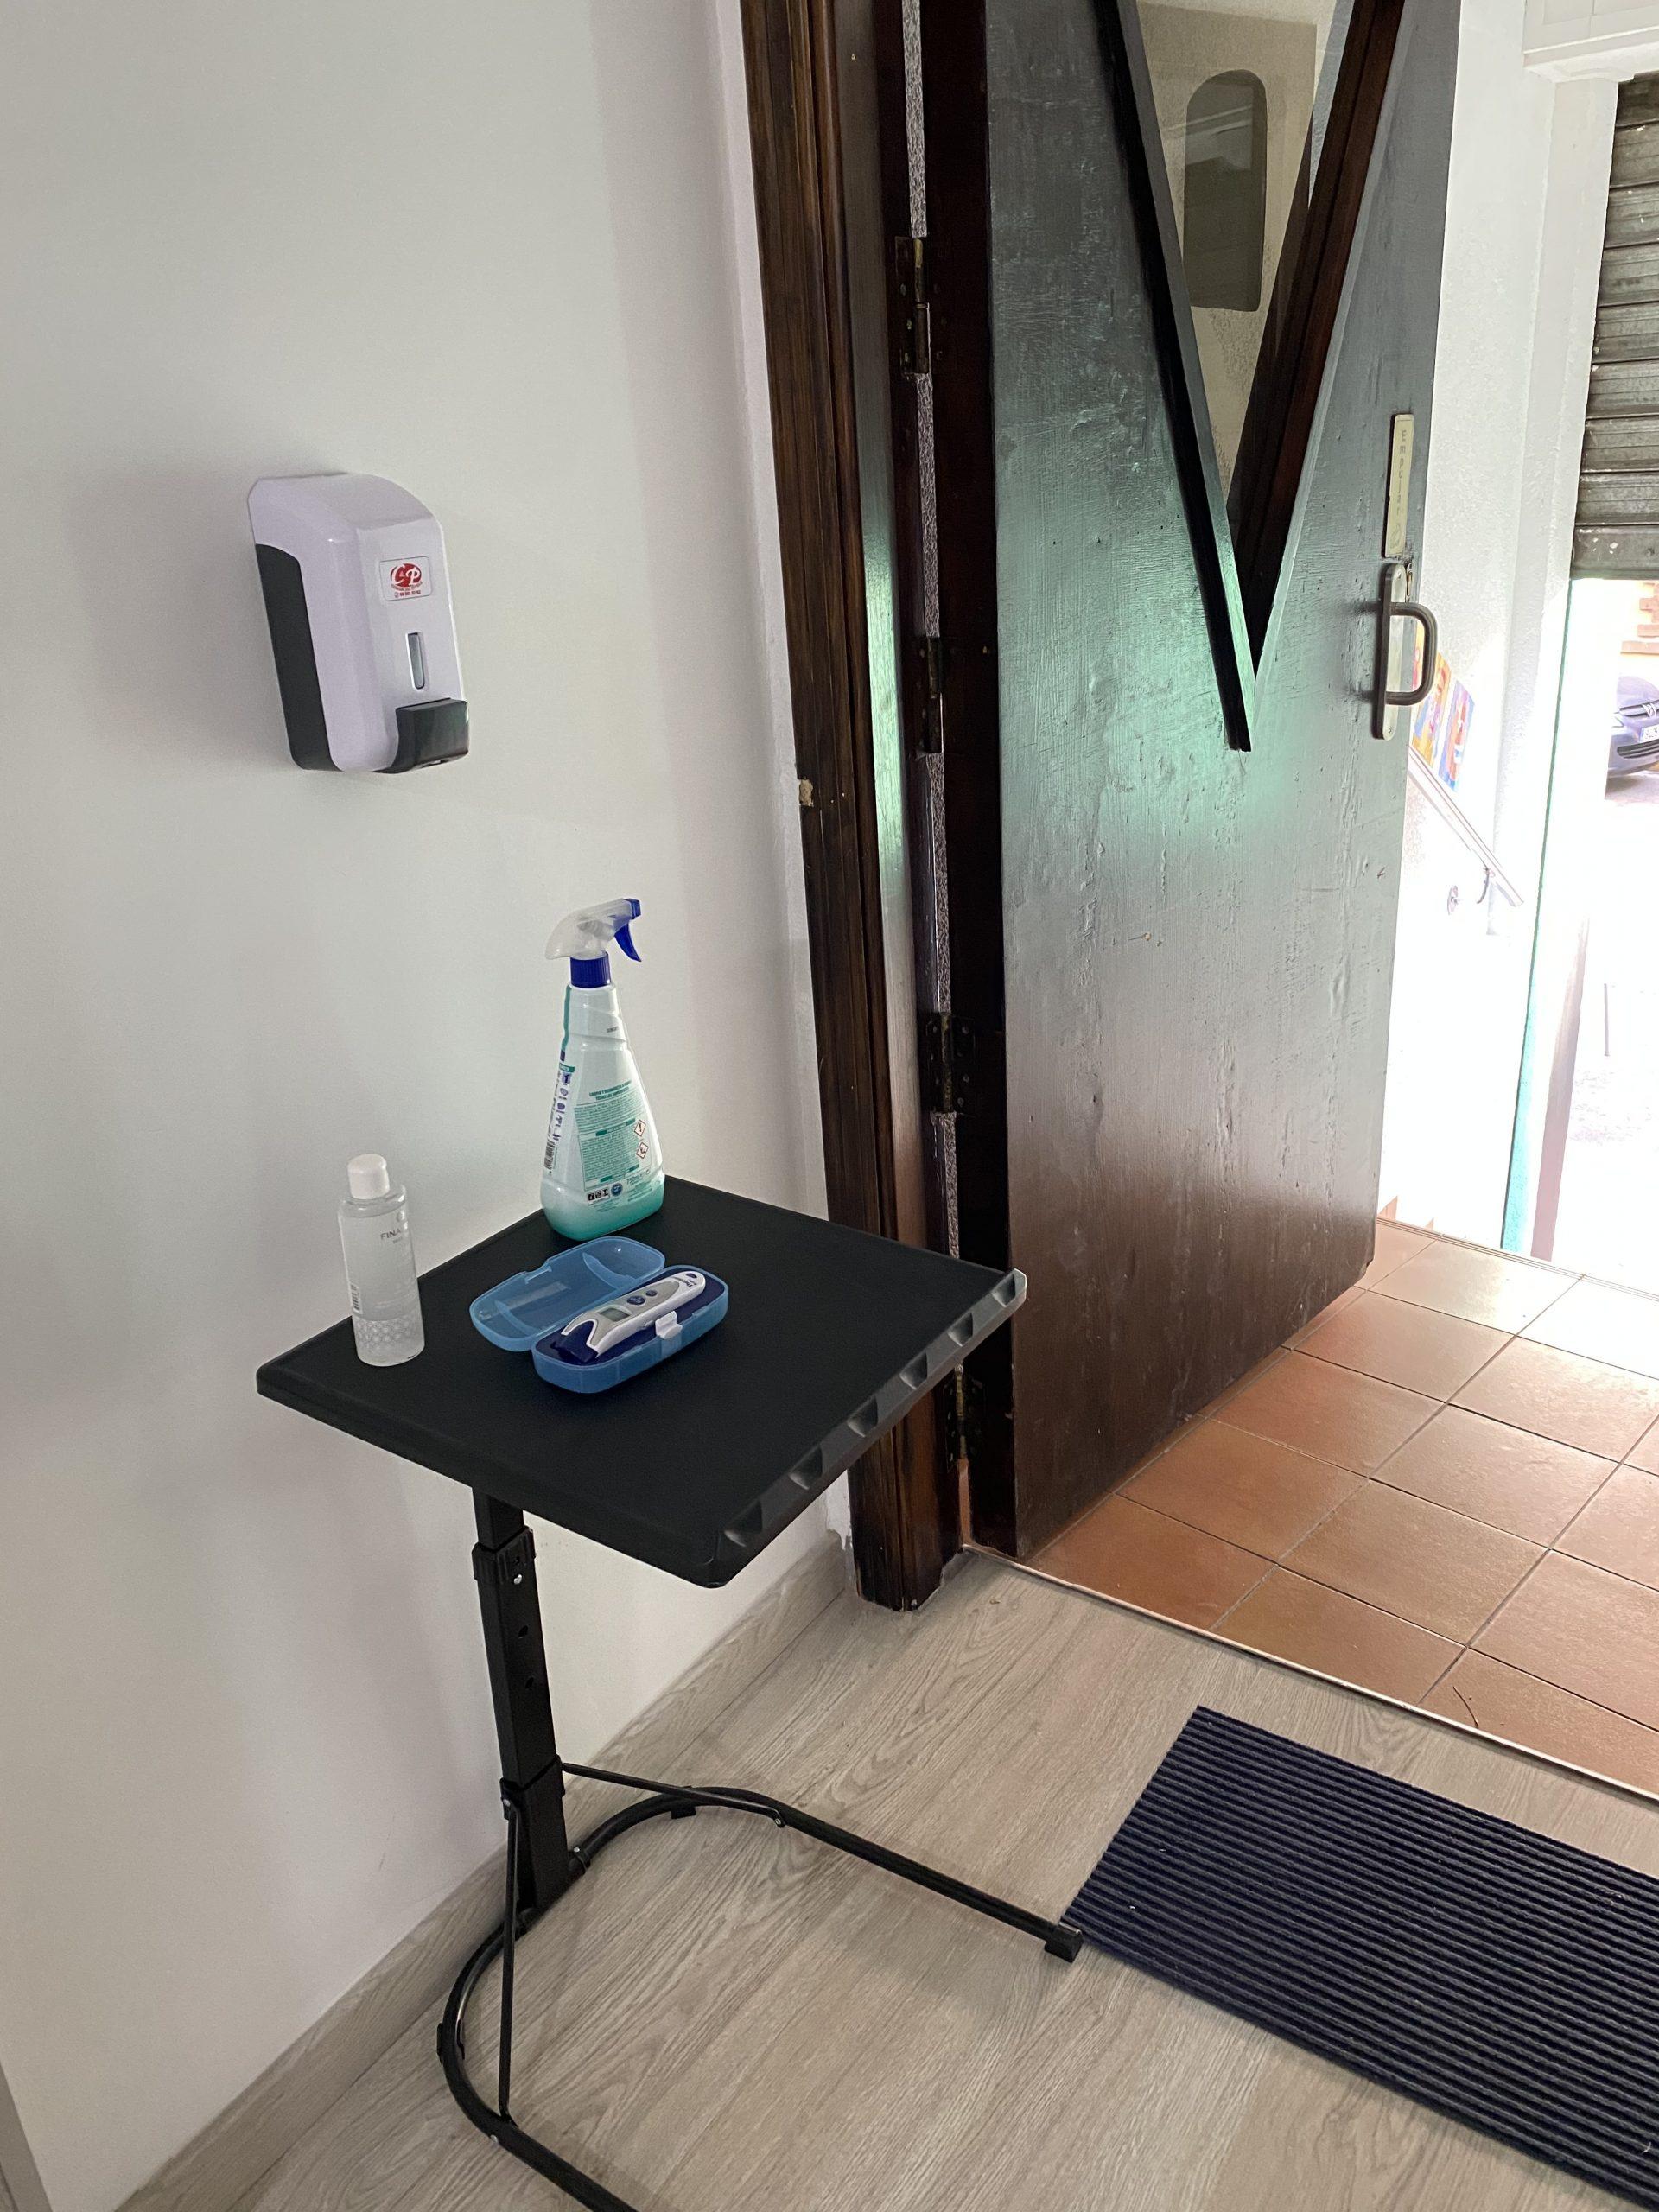 A la entrada de la academia contamos con un dispensador de gel desinfectante y termómetro para toma de la temperatura.